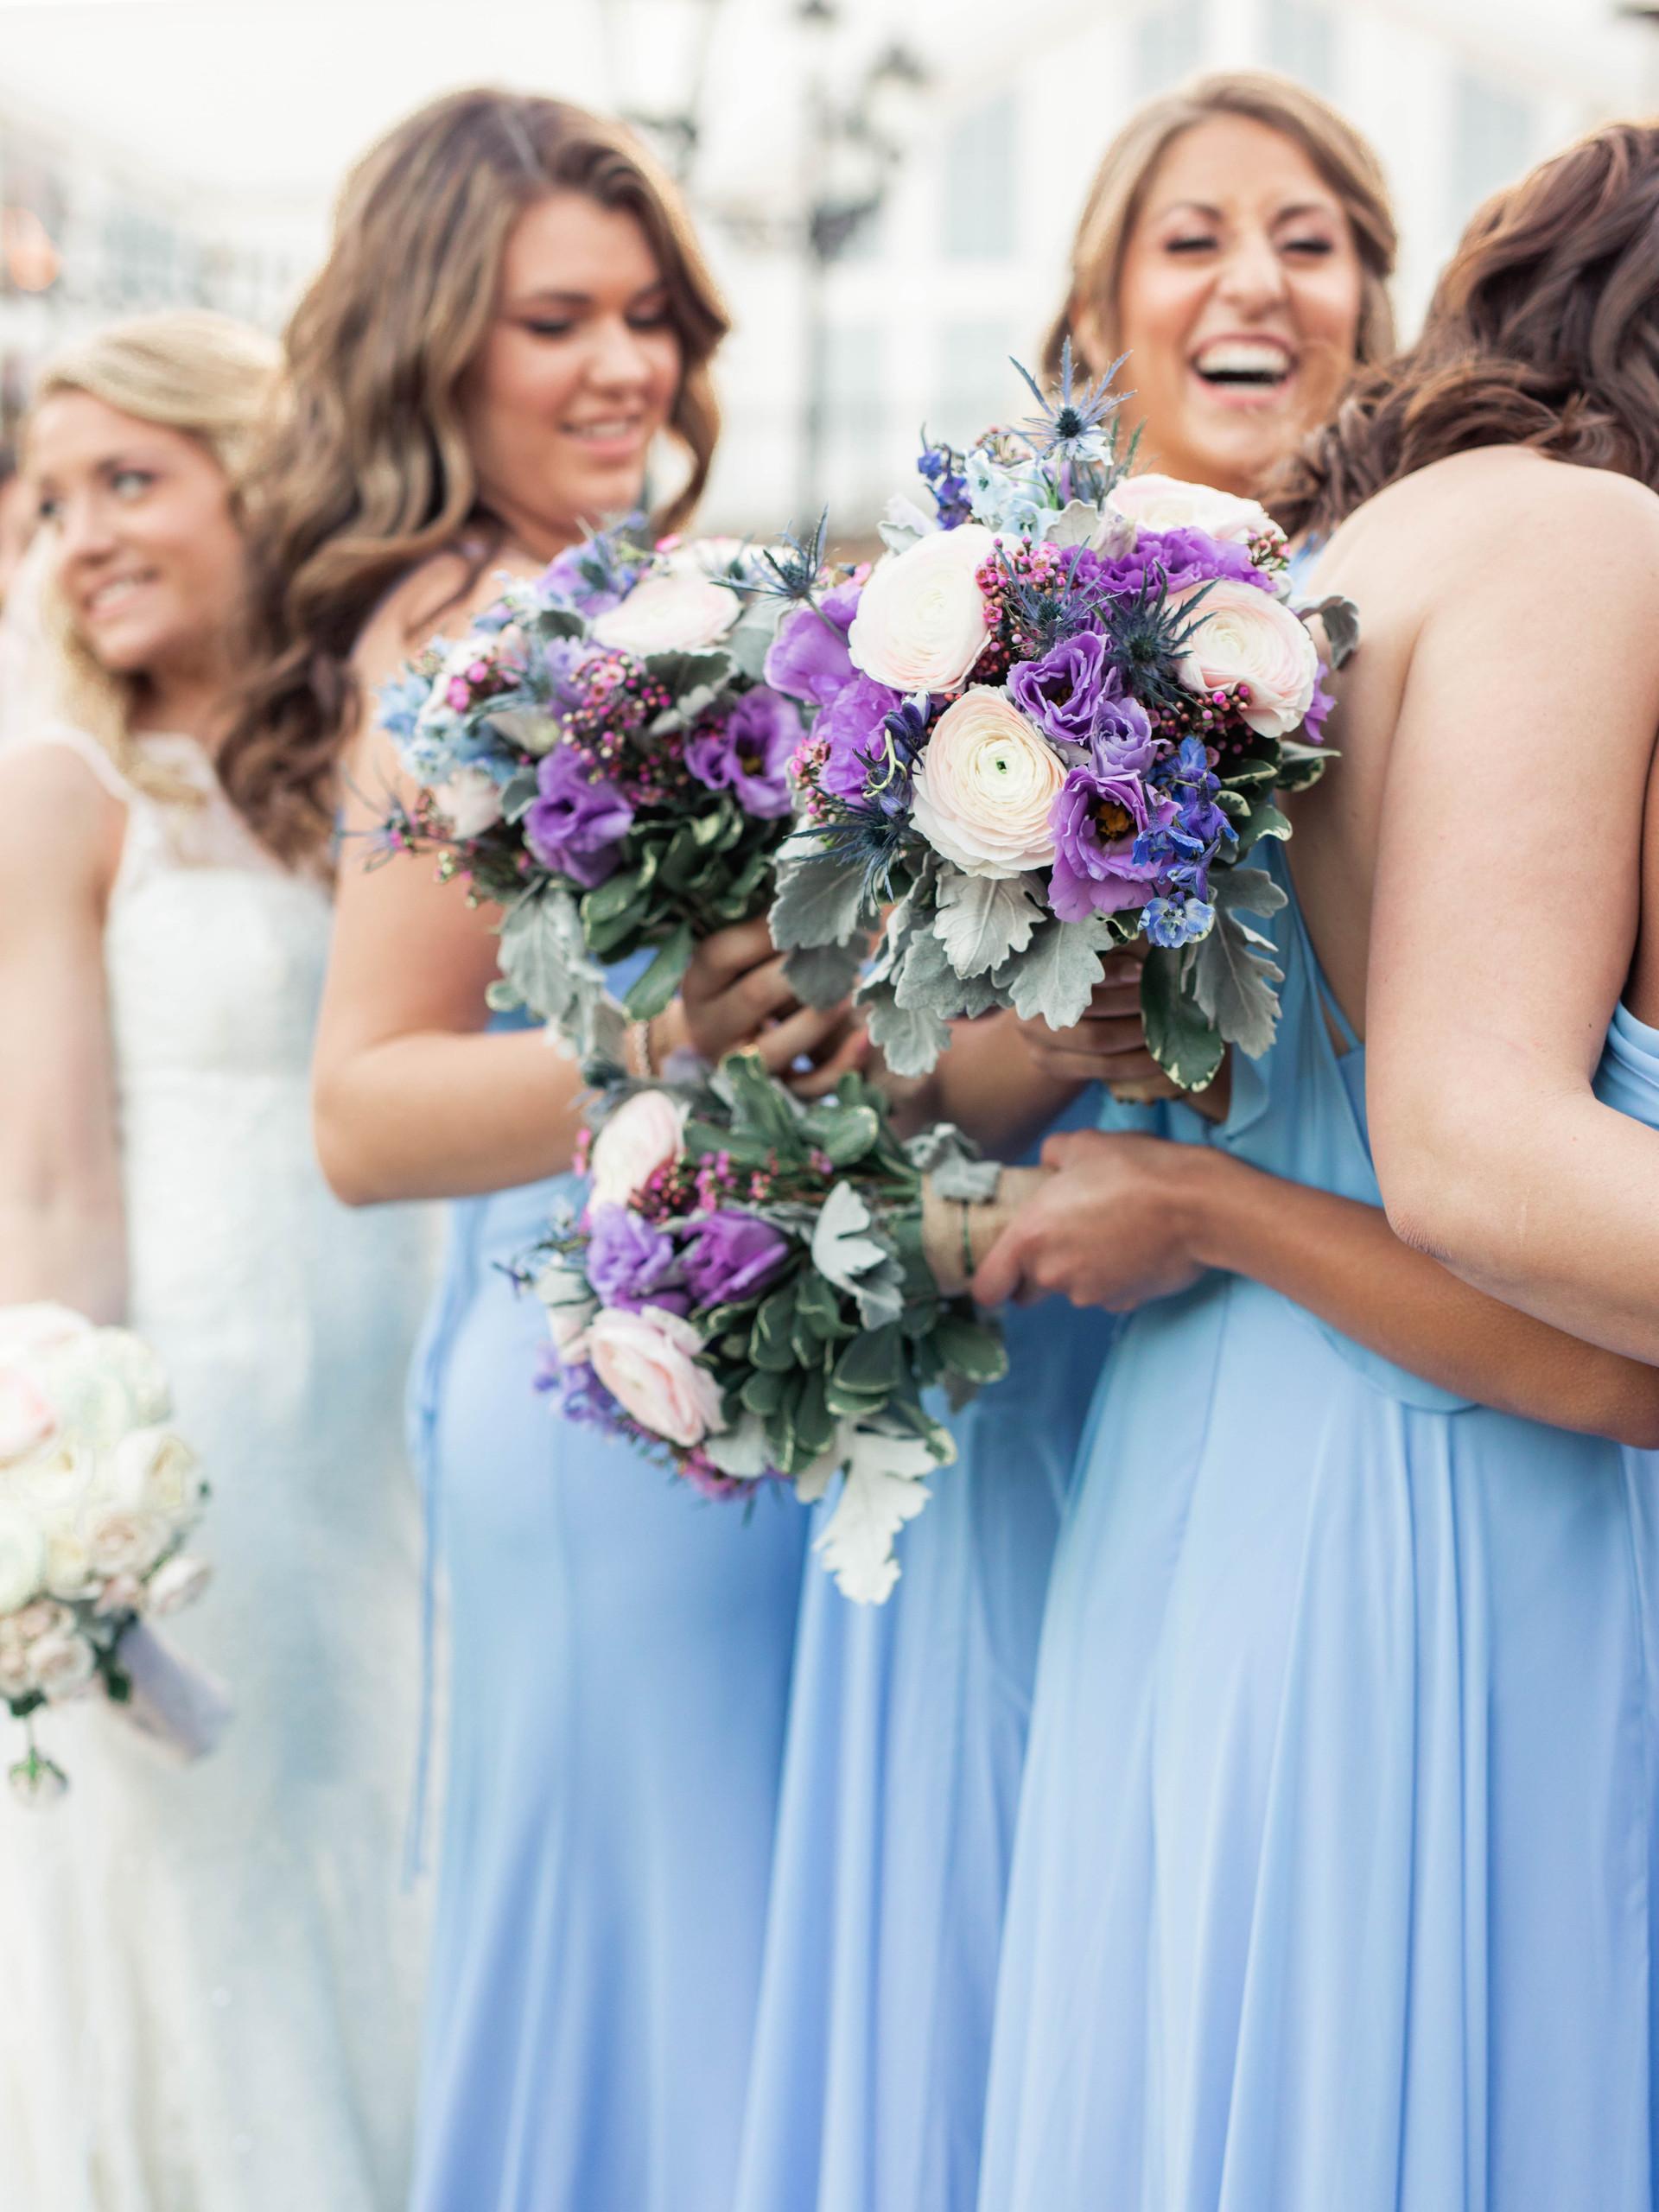 new-jersey-wedding-bridesmaids-bouquet-4